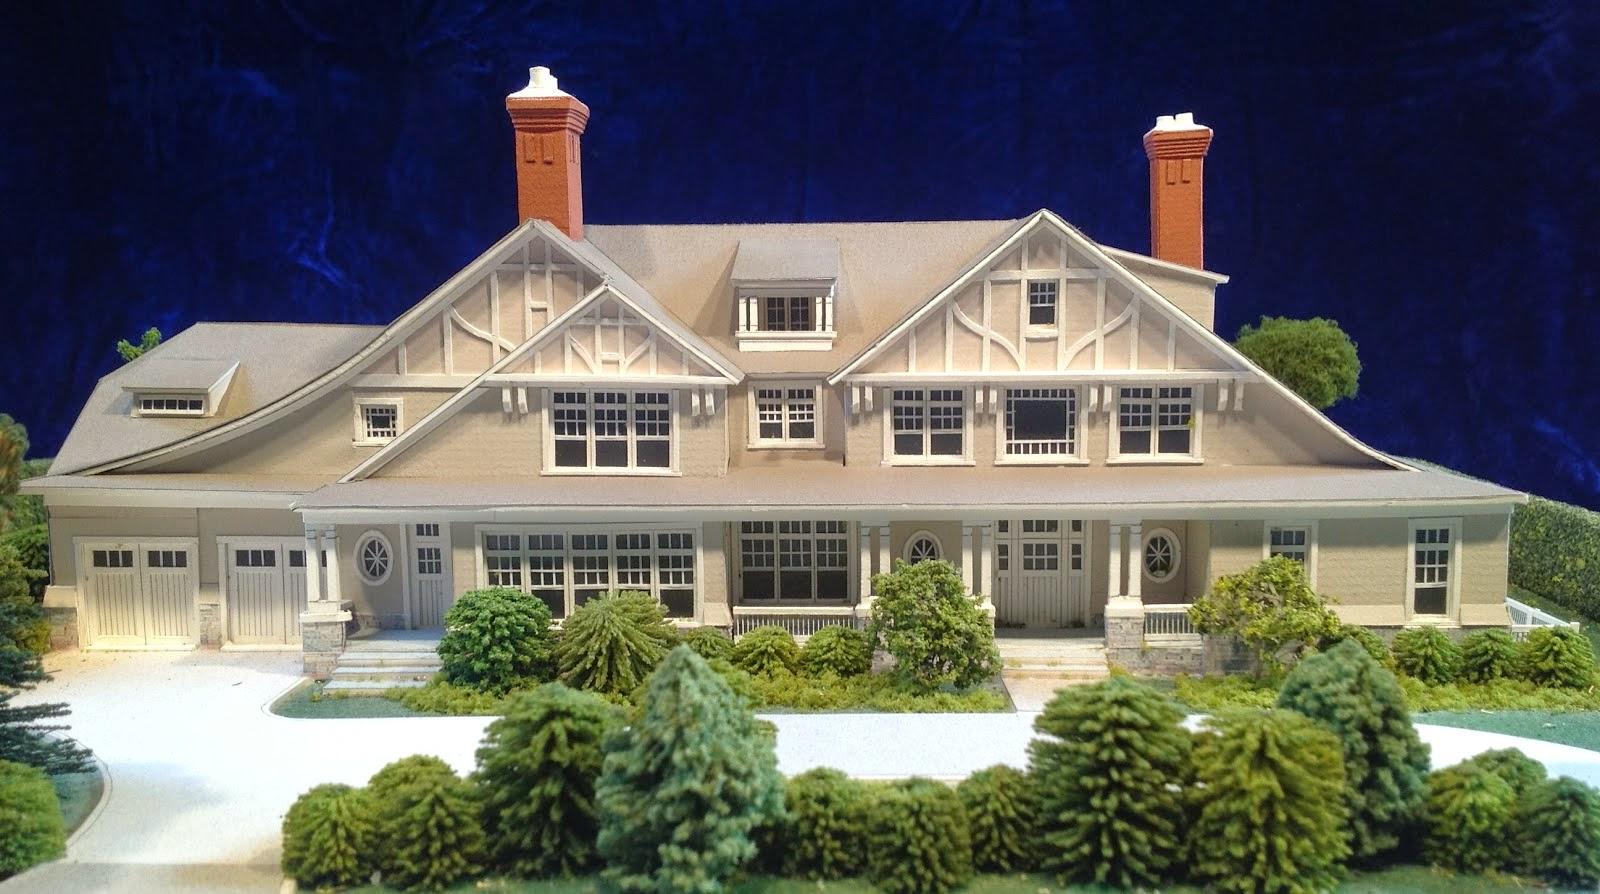 houses of the hamptons - Hampton Home Designs